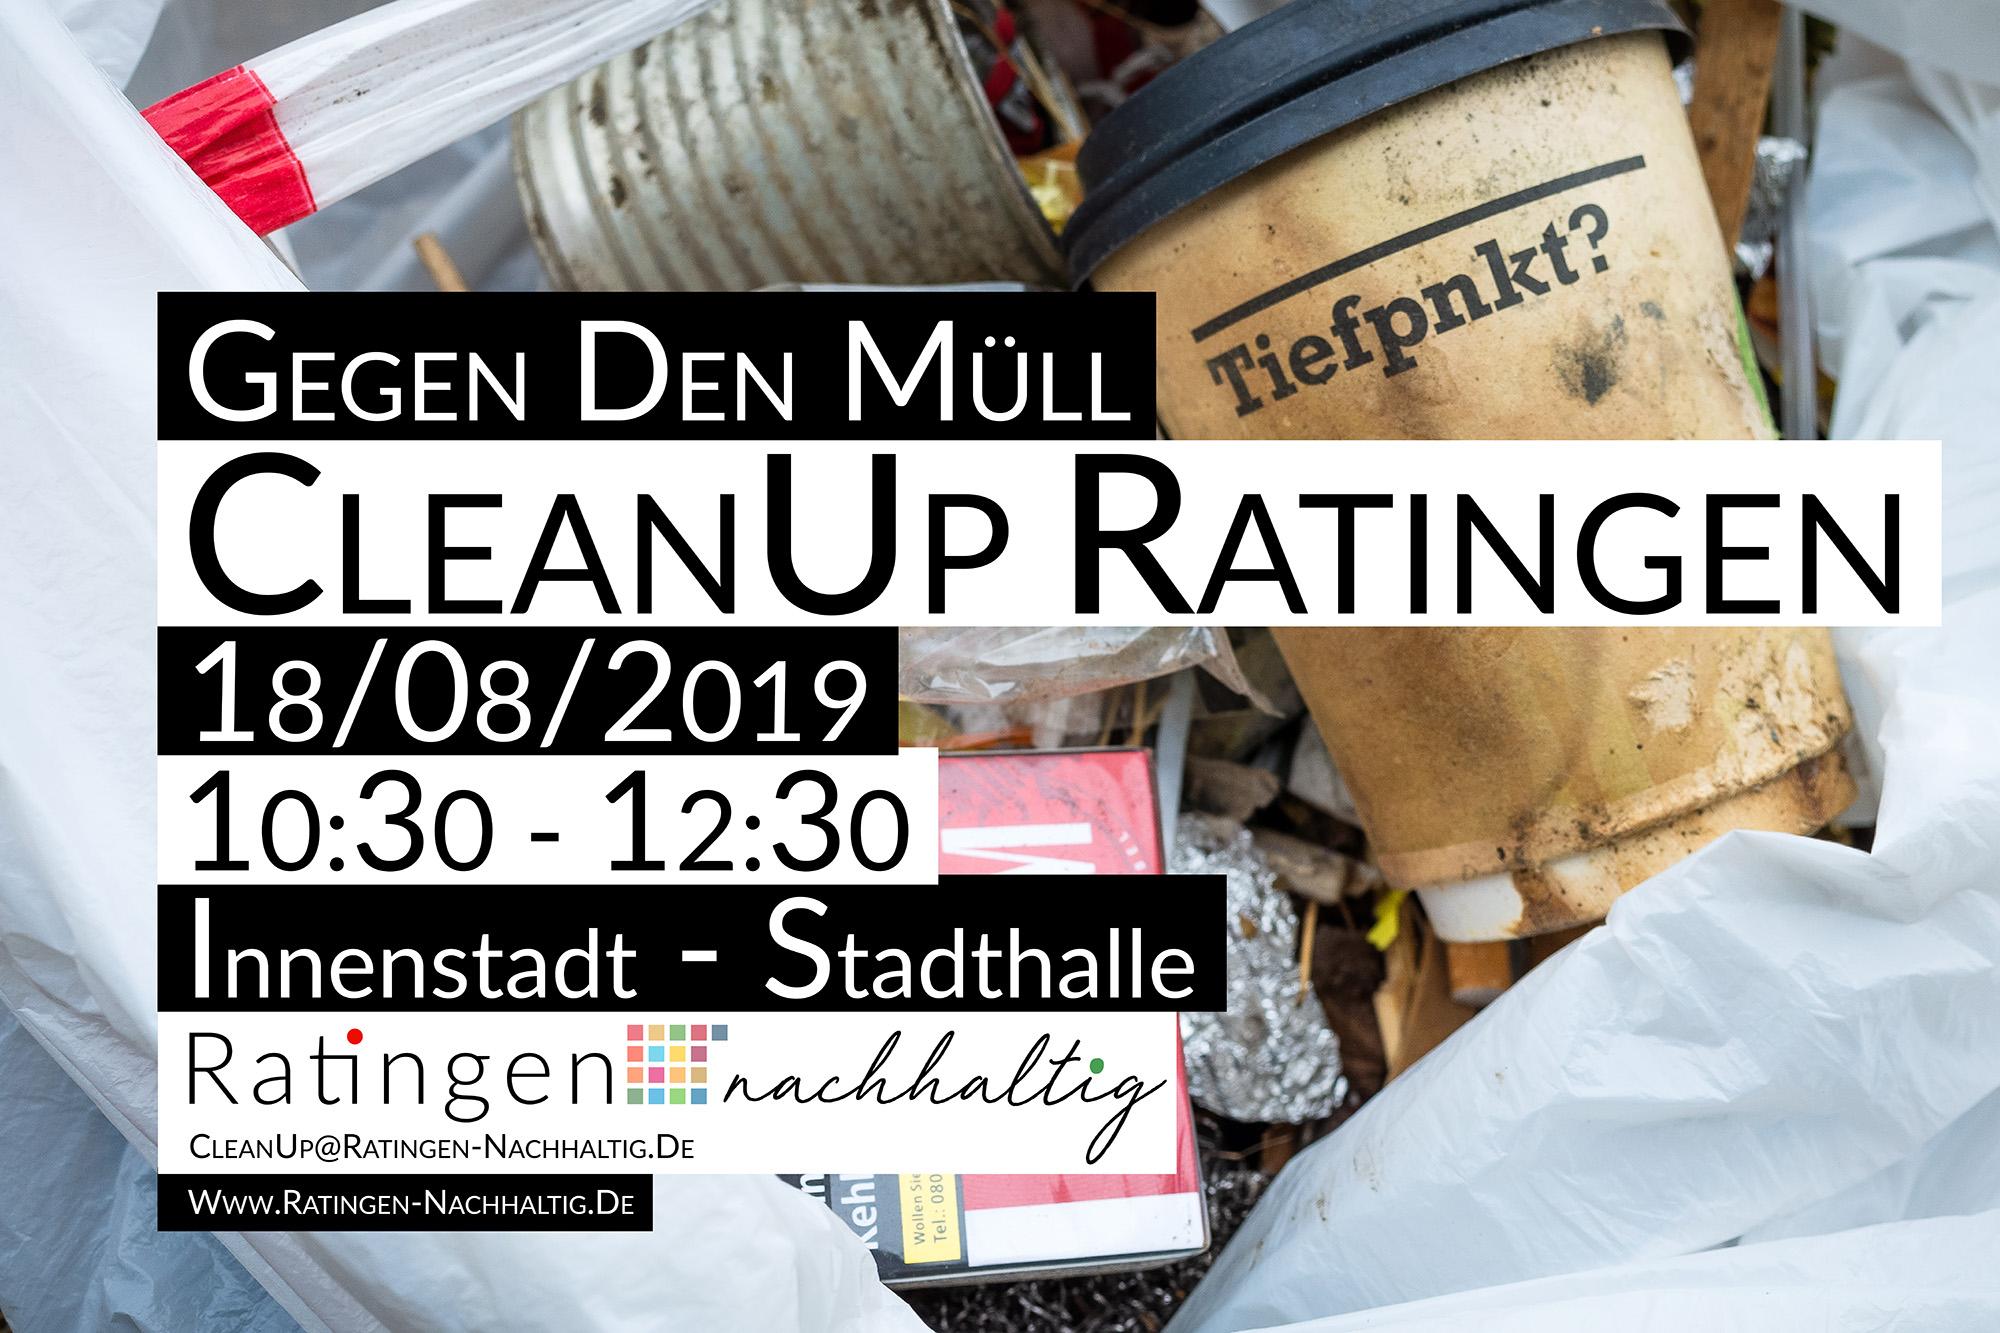 2. CleanUp Ratingen in der Innenstadt